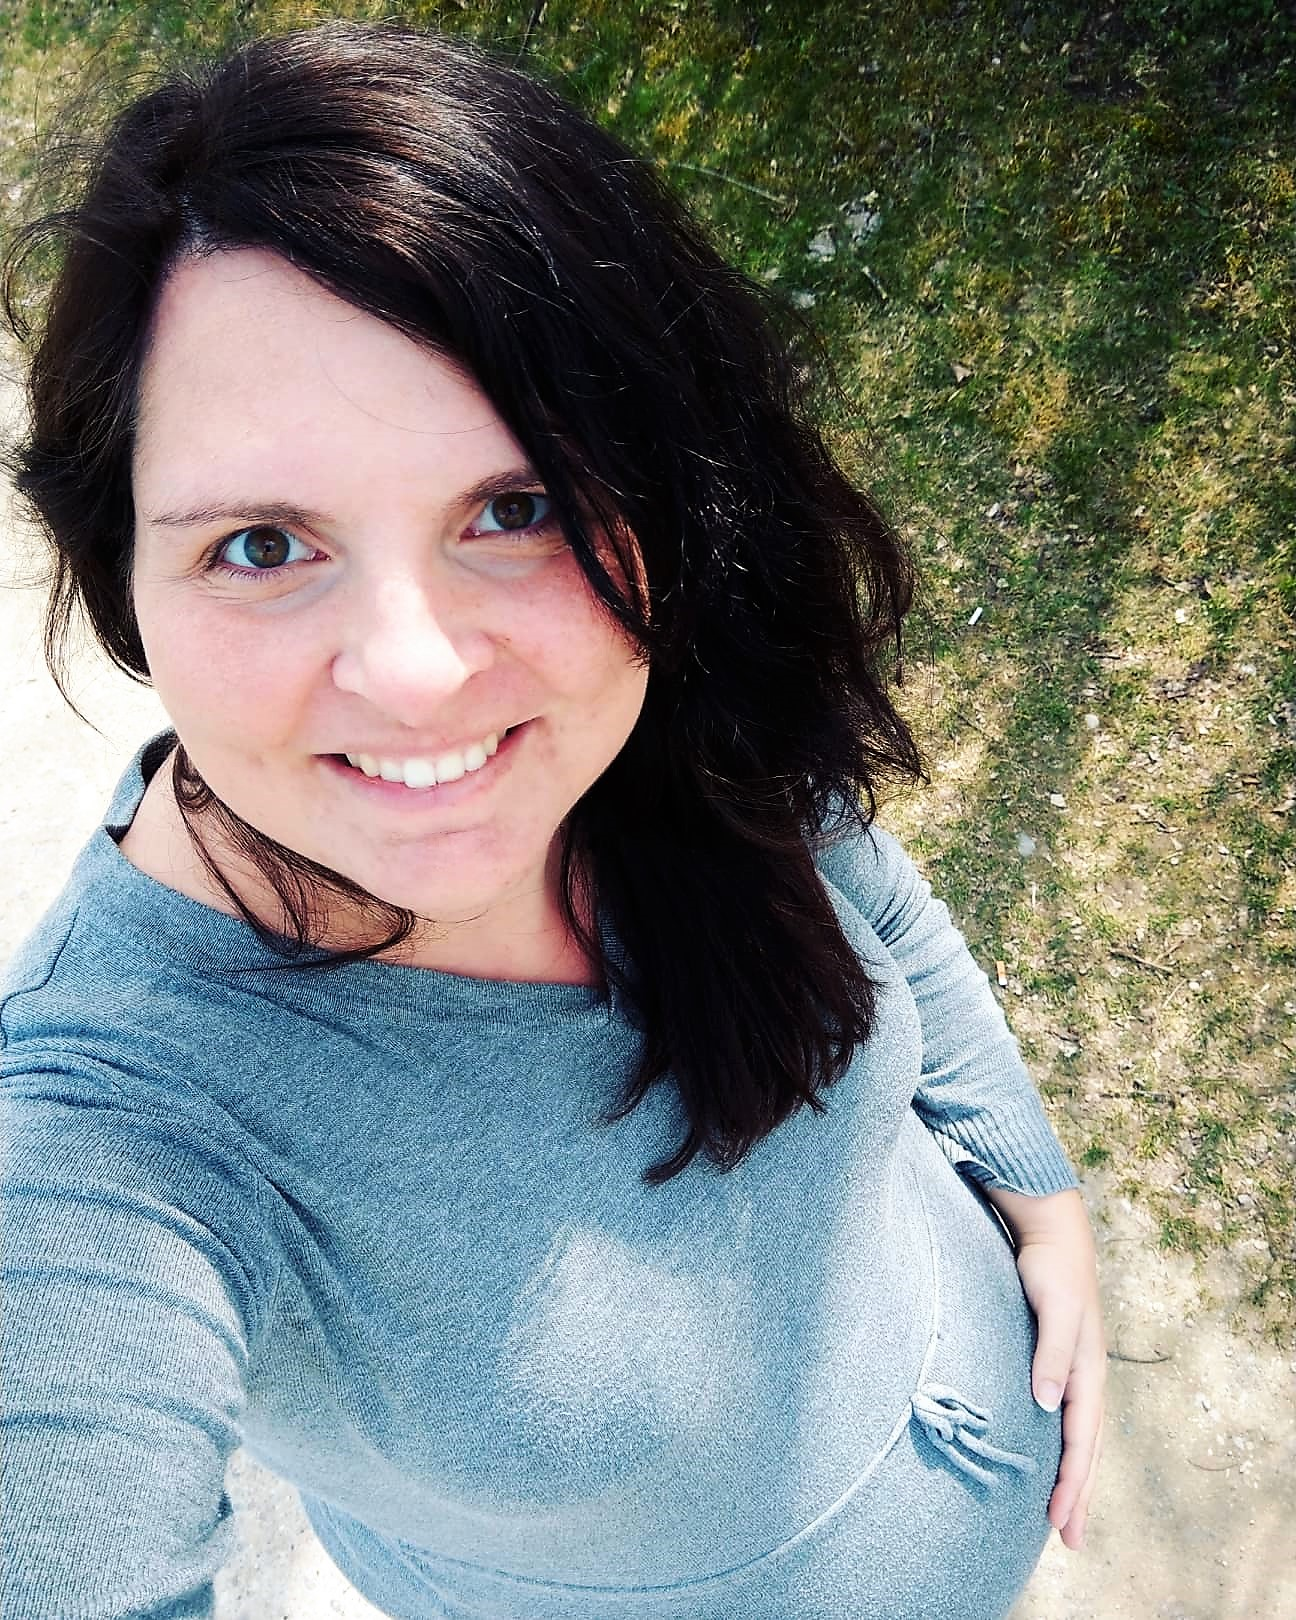 Willkommen im 10. Monat. Die 37. Schwangerschaftswoche meines Schwangerschaftsupdates mit Wehen, Geburtsplanungsgespräch und Gelüsten.